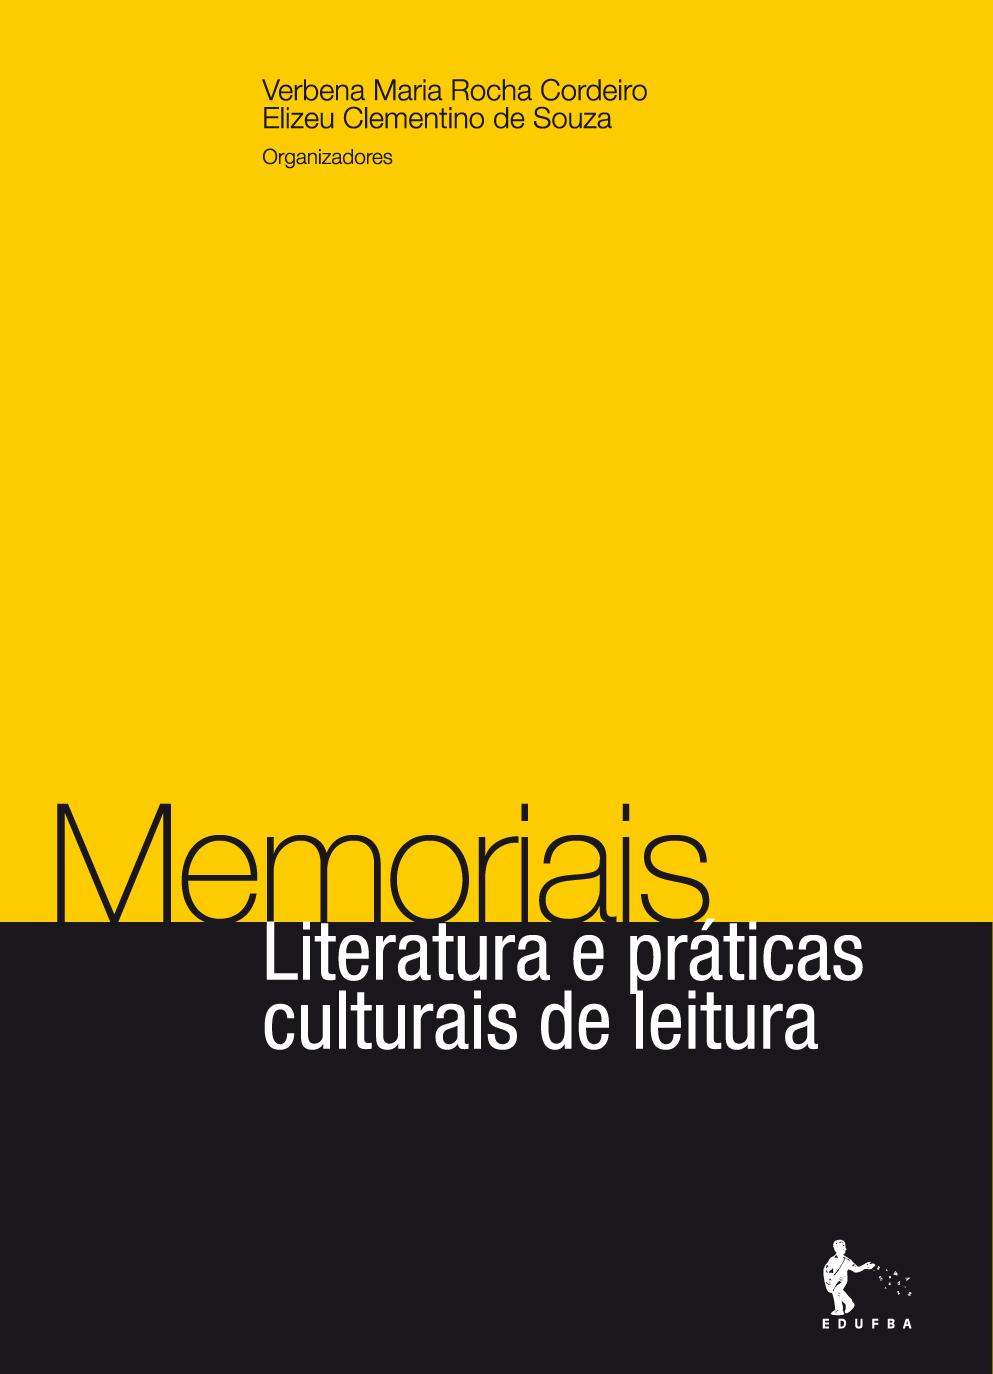 Memoriais, Literatura E Praticas Culturais De Leitura, livro de Verbena Maria Rocha;Souza, Elizeu Clementino De Cordeiro